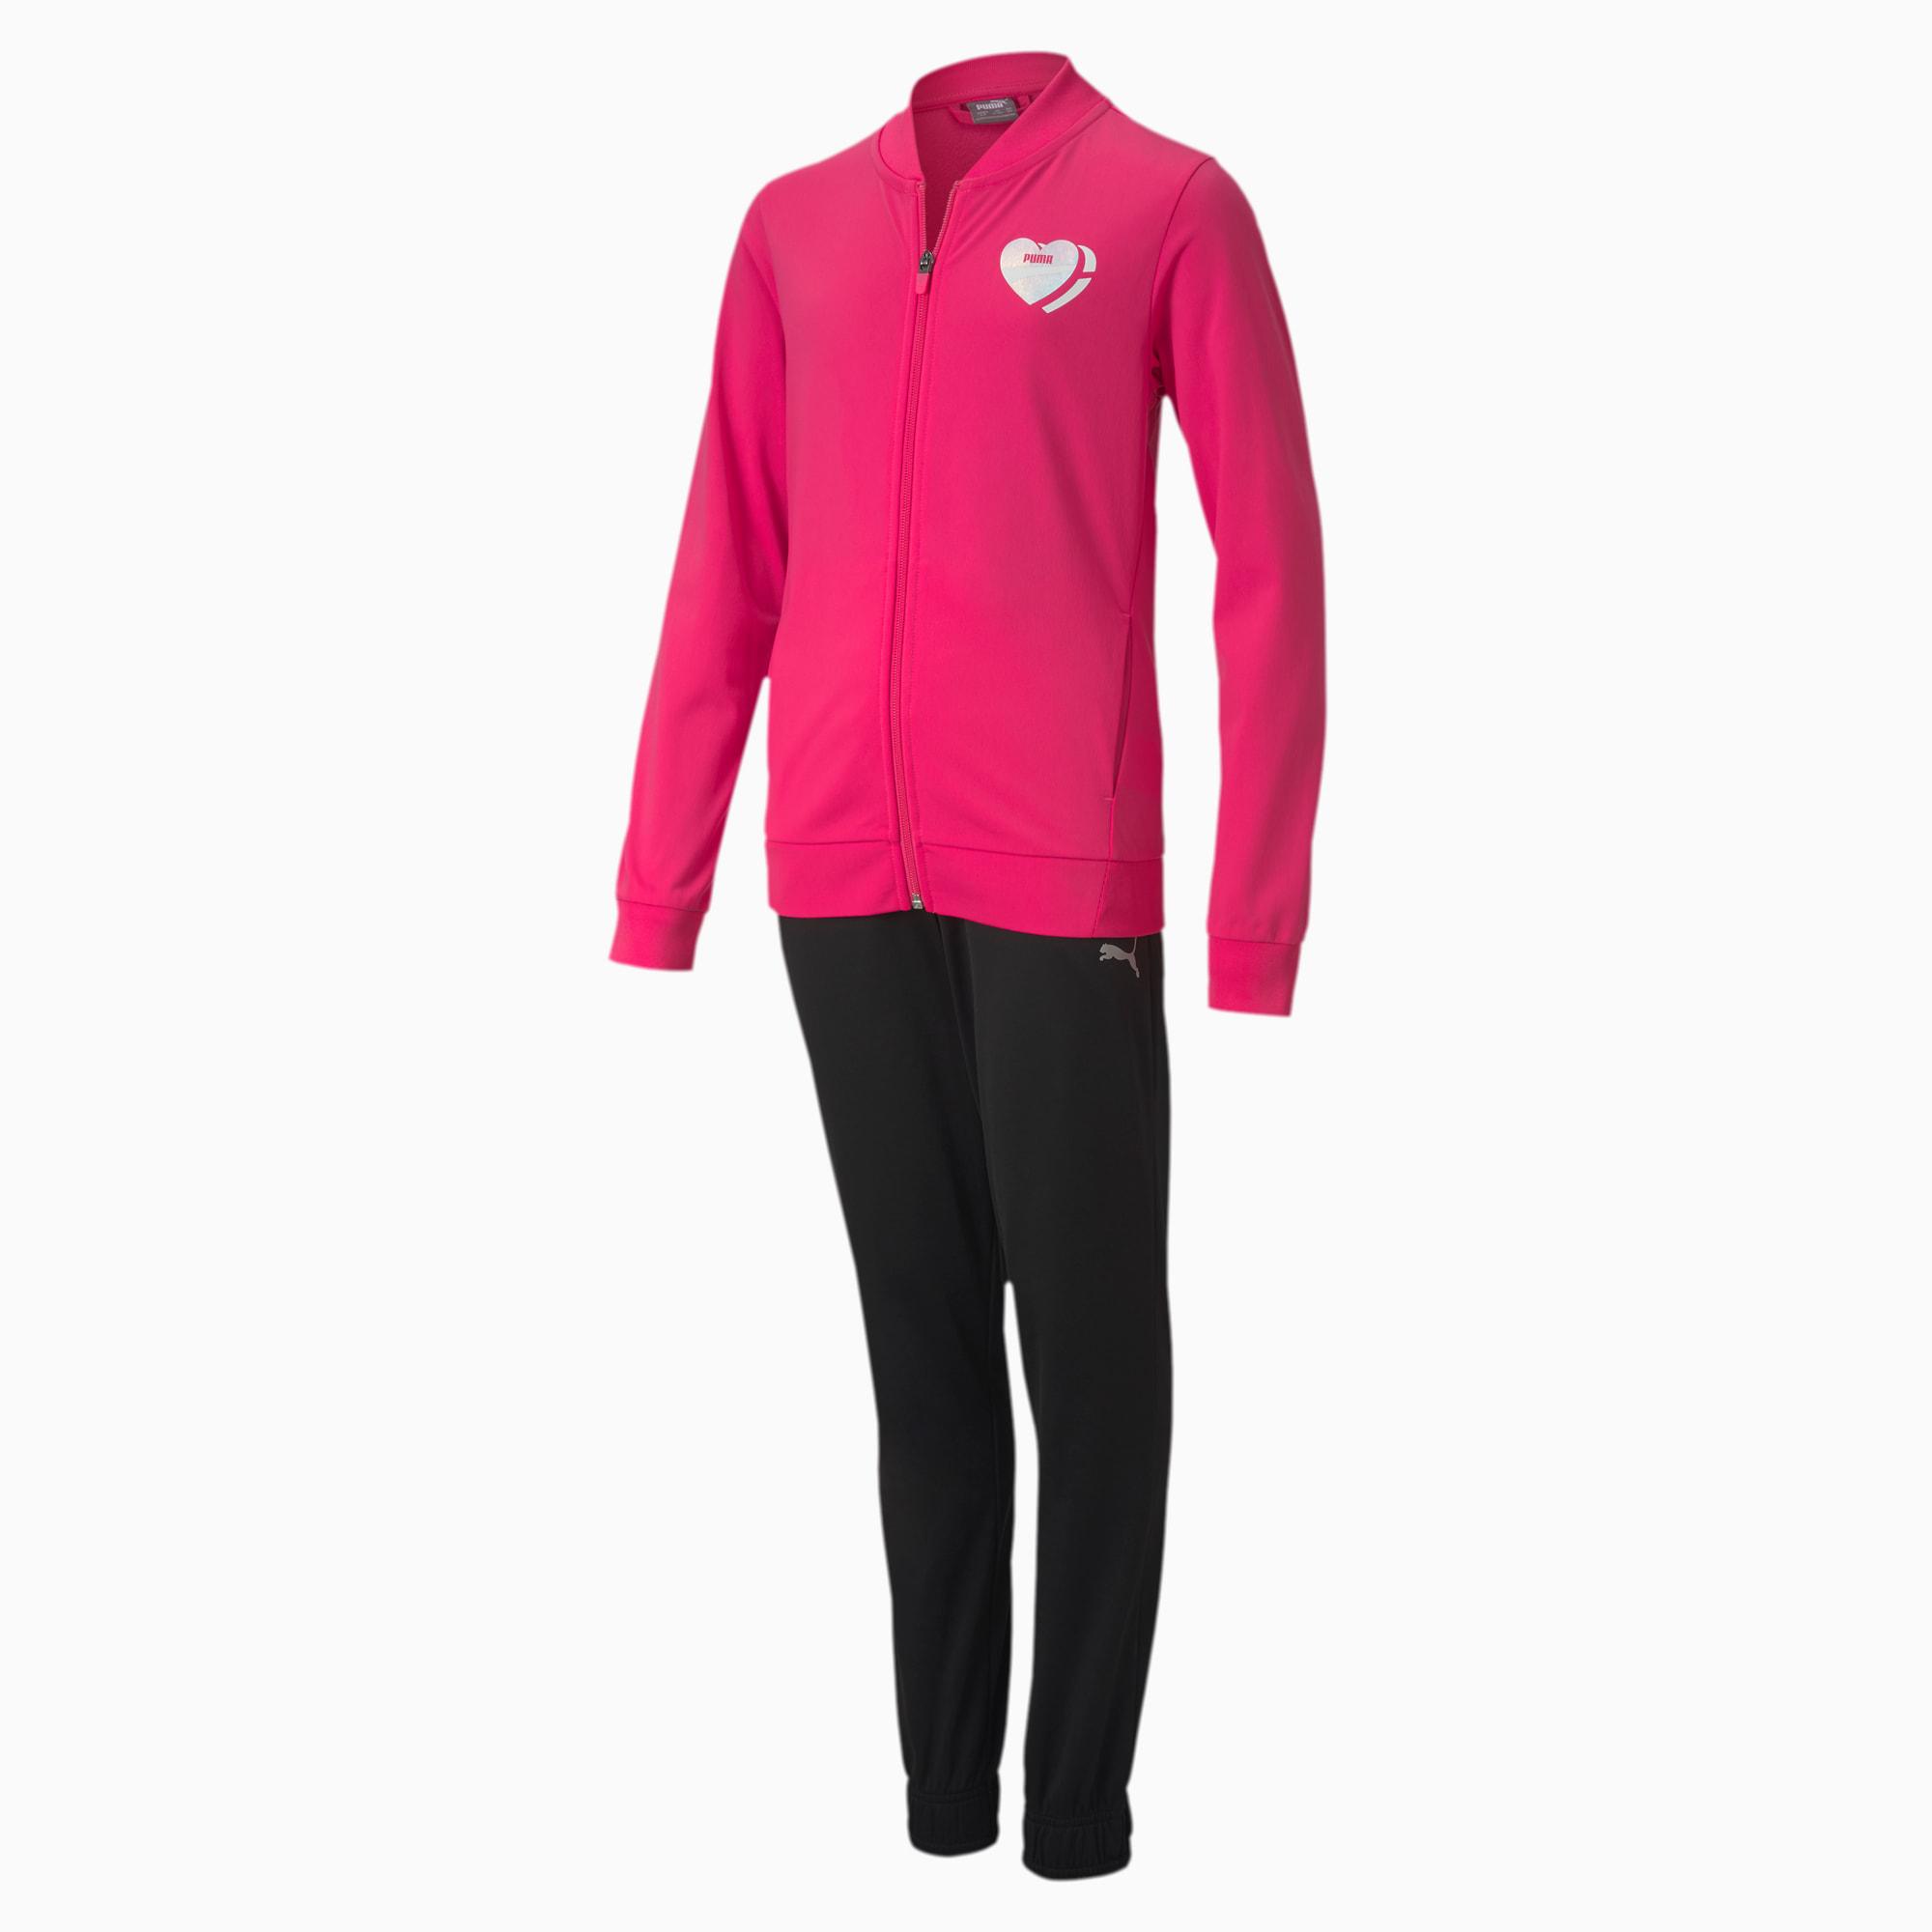 PUMA Polyester Jugend Trainingsanzug Für Kinder | Mit Aucun | Rosa/Schwarz | Größe: 116